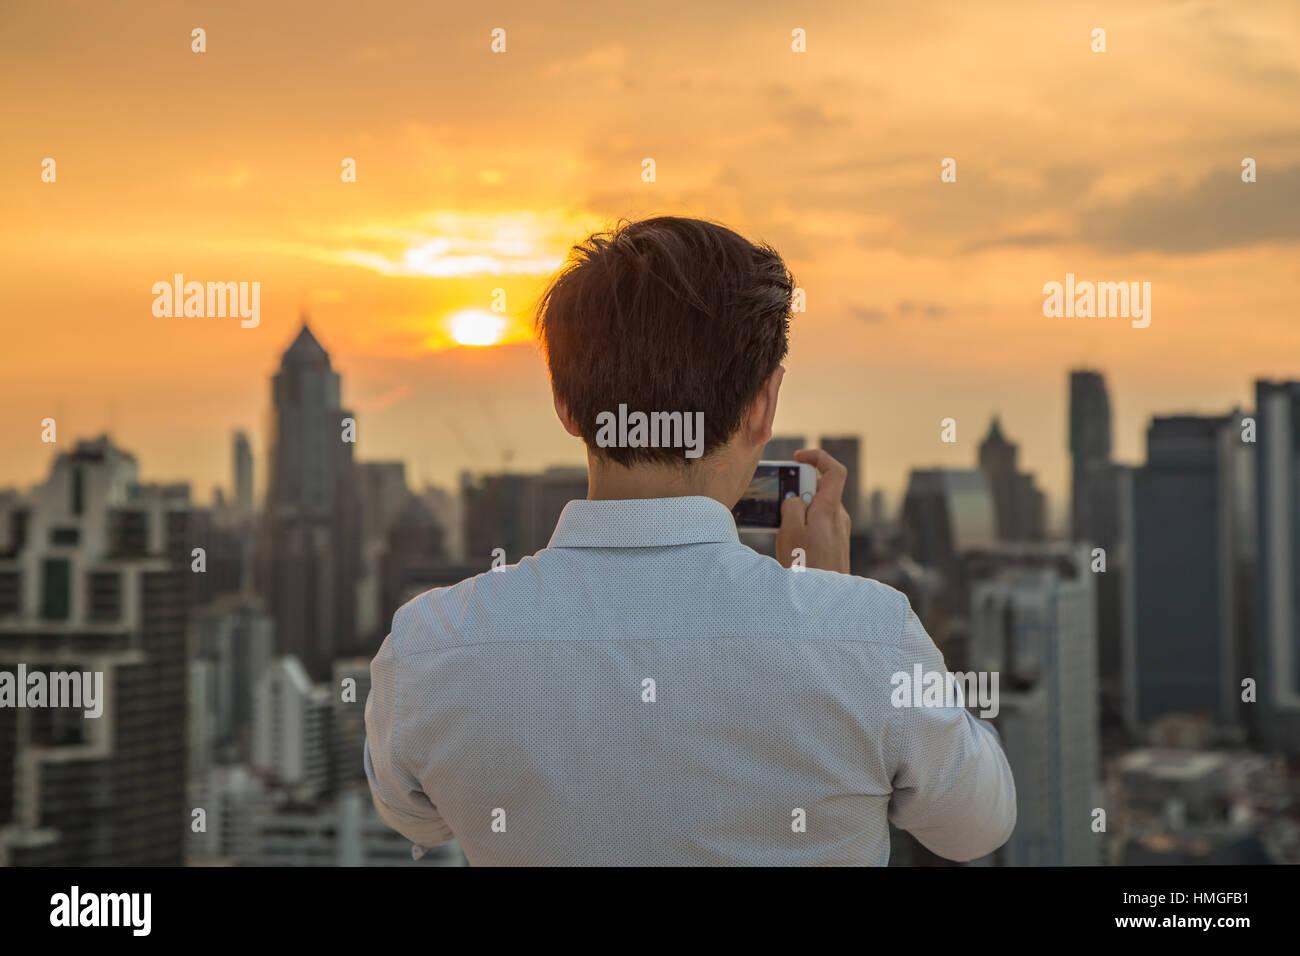 L'homme prend une photo de paysage urbain, la ville de Johannesburg et le coucher du soleil avec le smartphone. Photo Stock